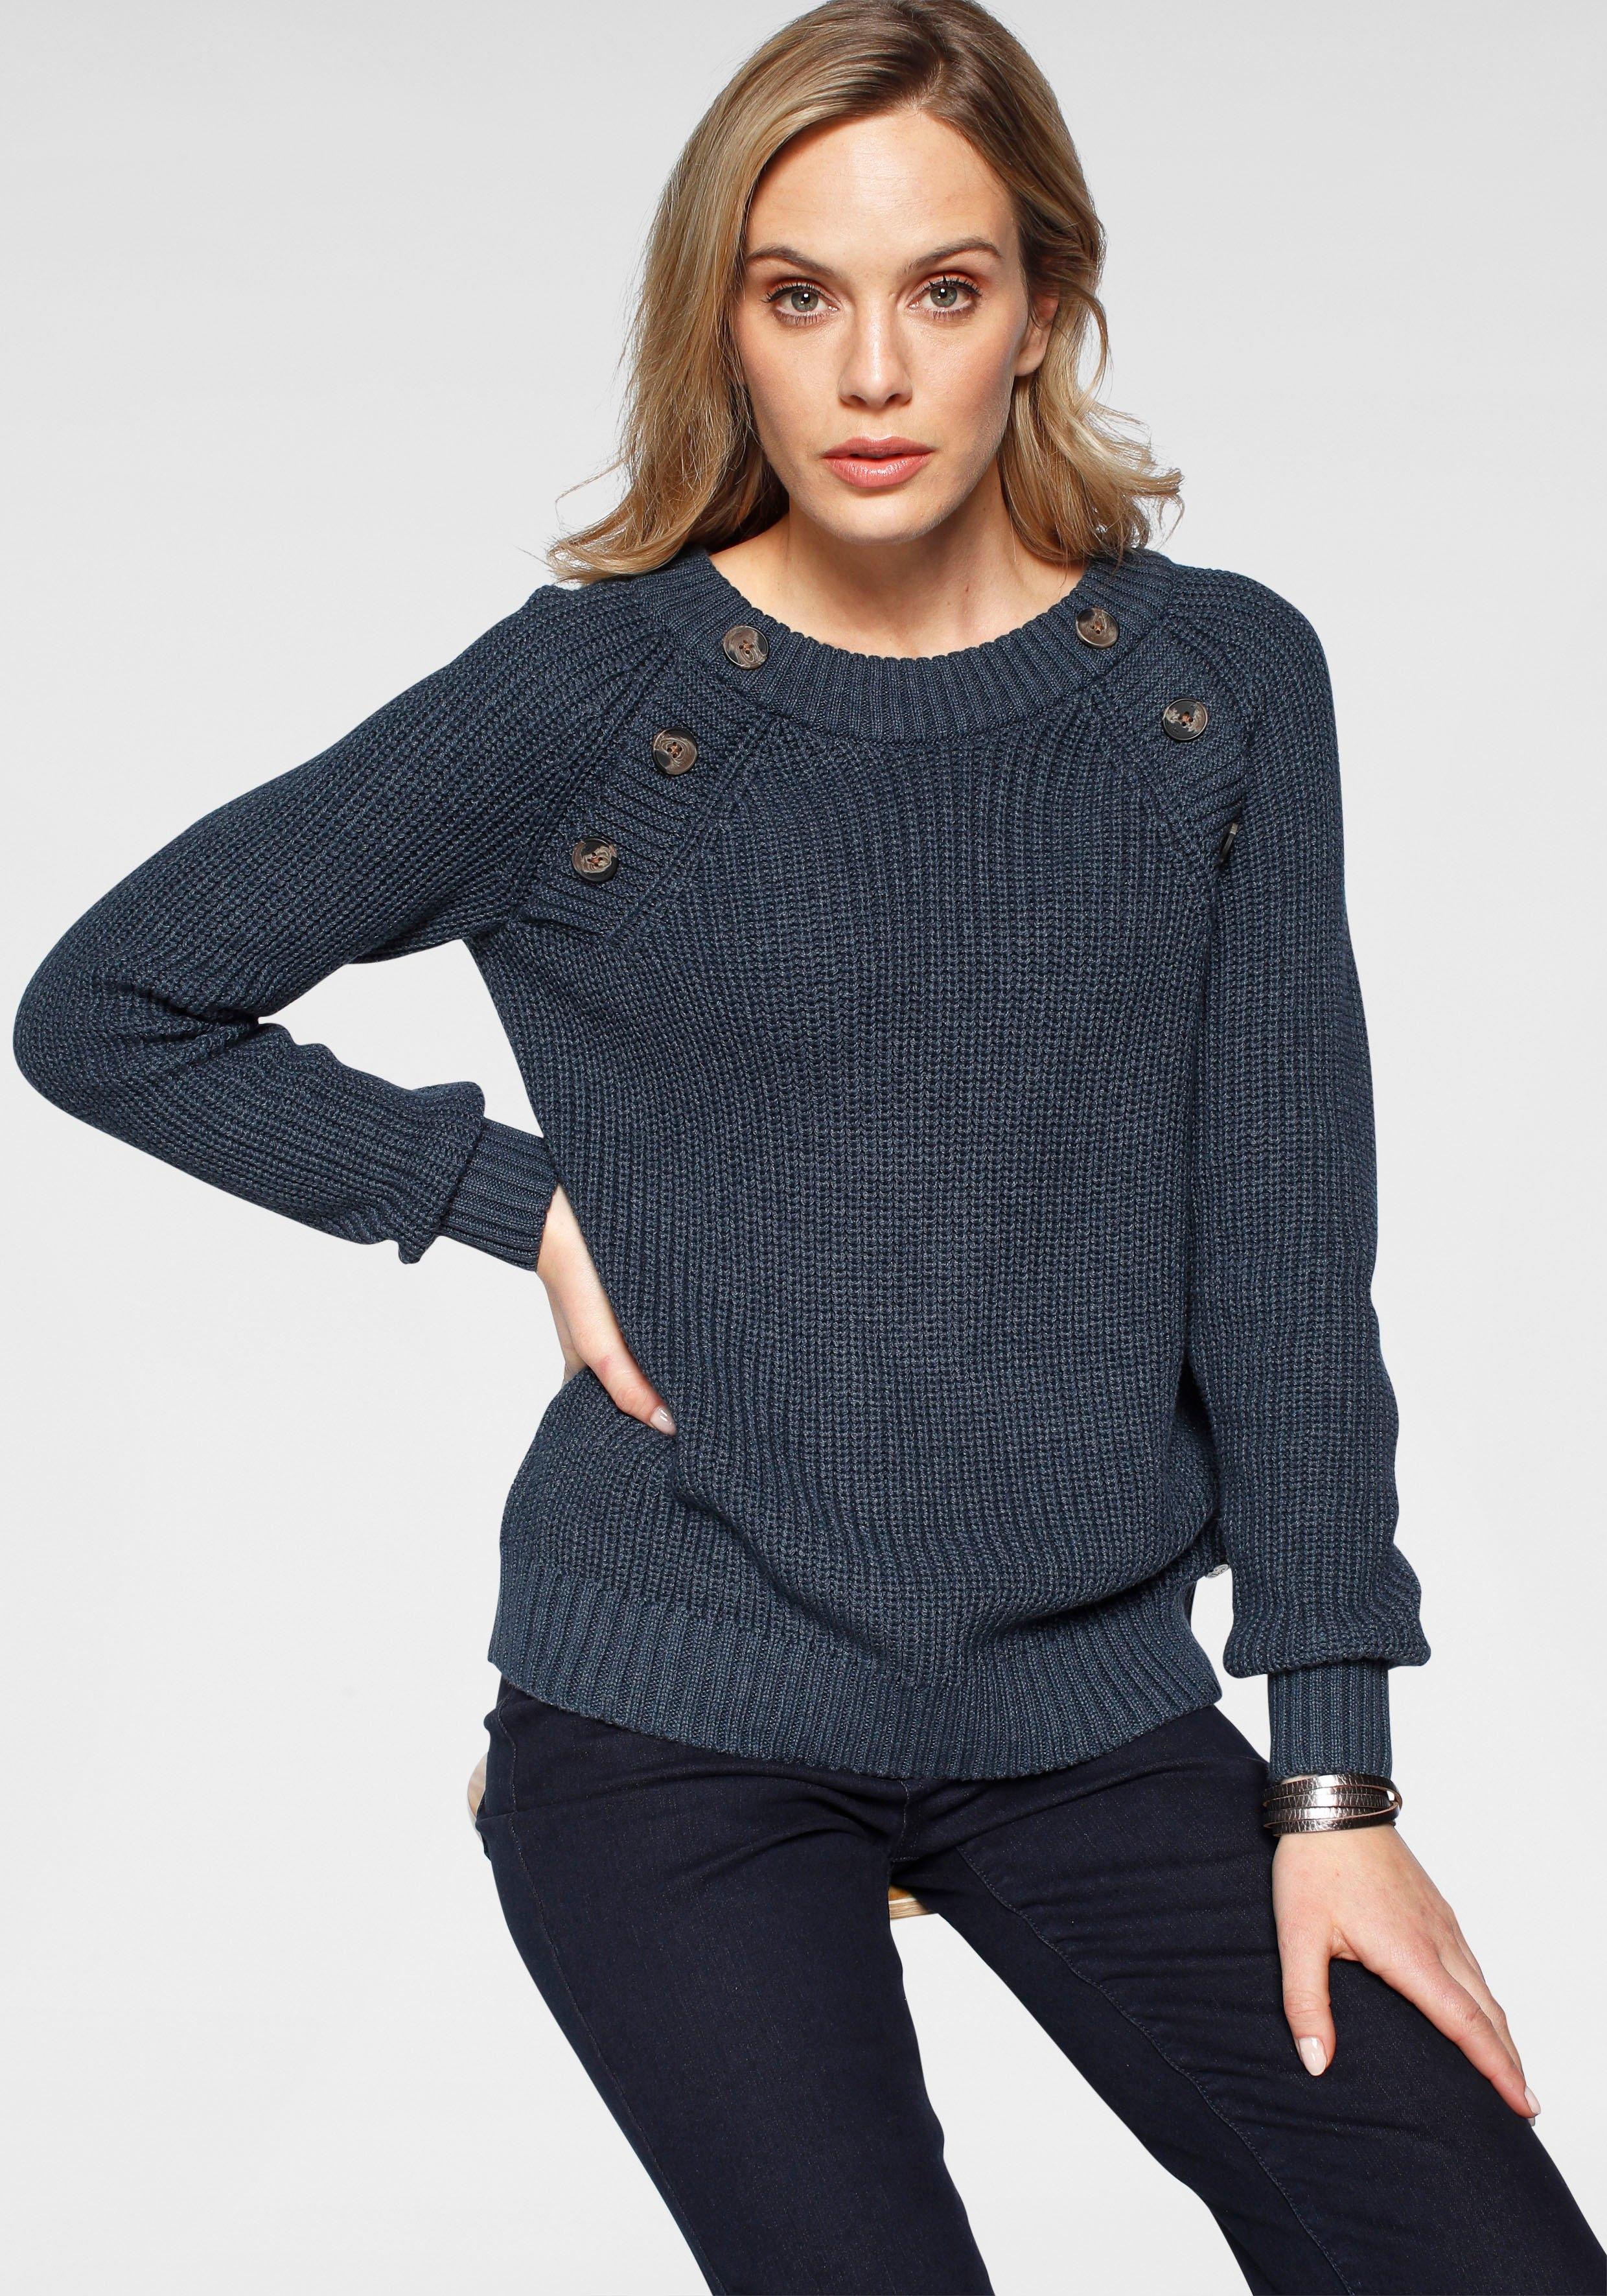 H.I.S trui met ronde hals nu online kopen bij OTTO